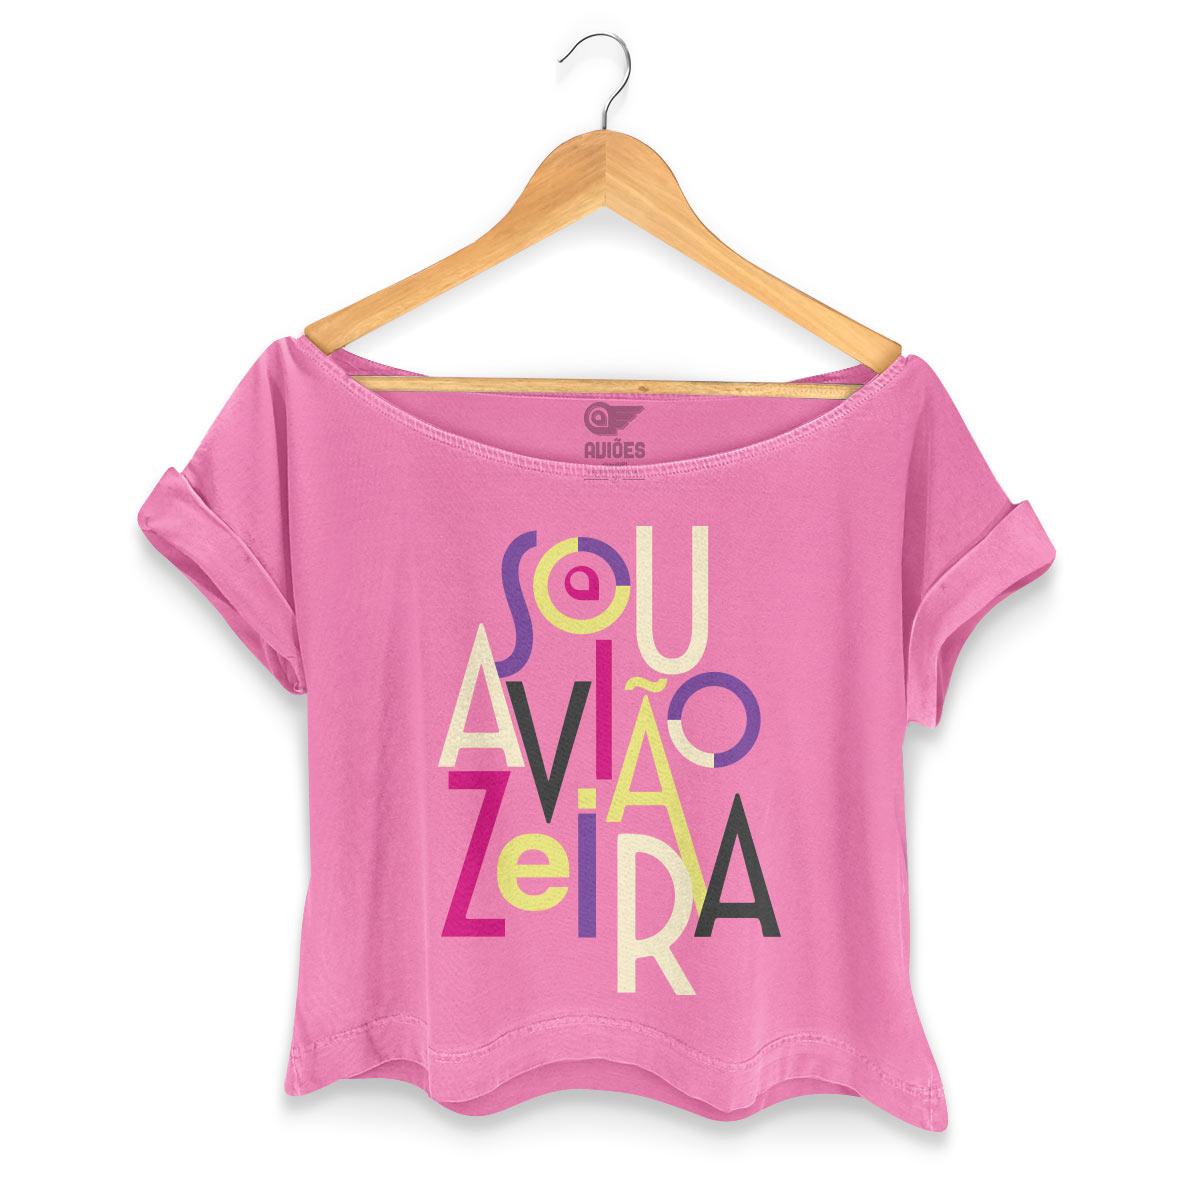 T-shirt Premium Feminina Aviões do Forró Sou Aviãozeira